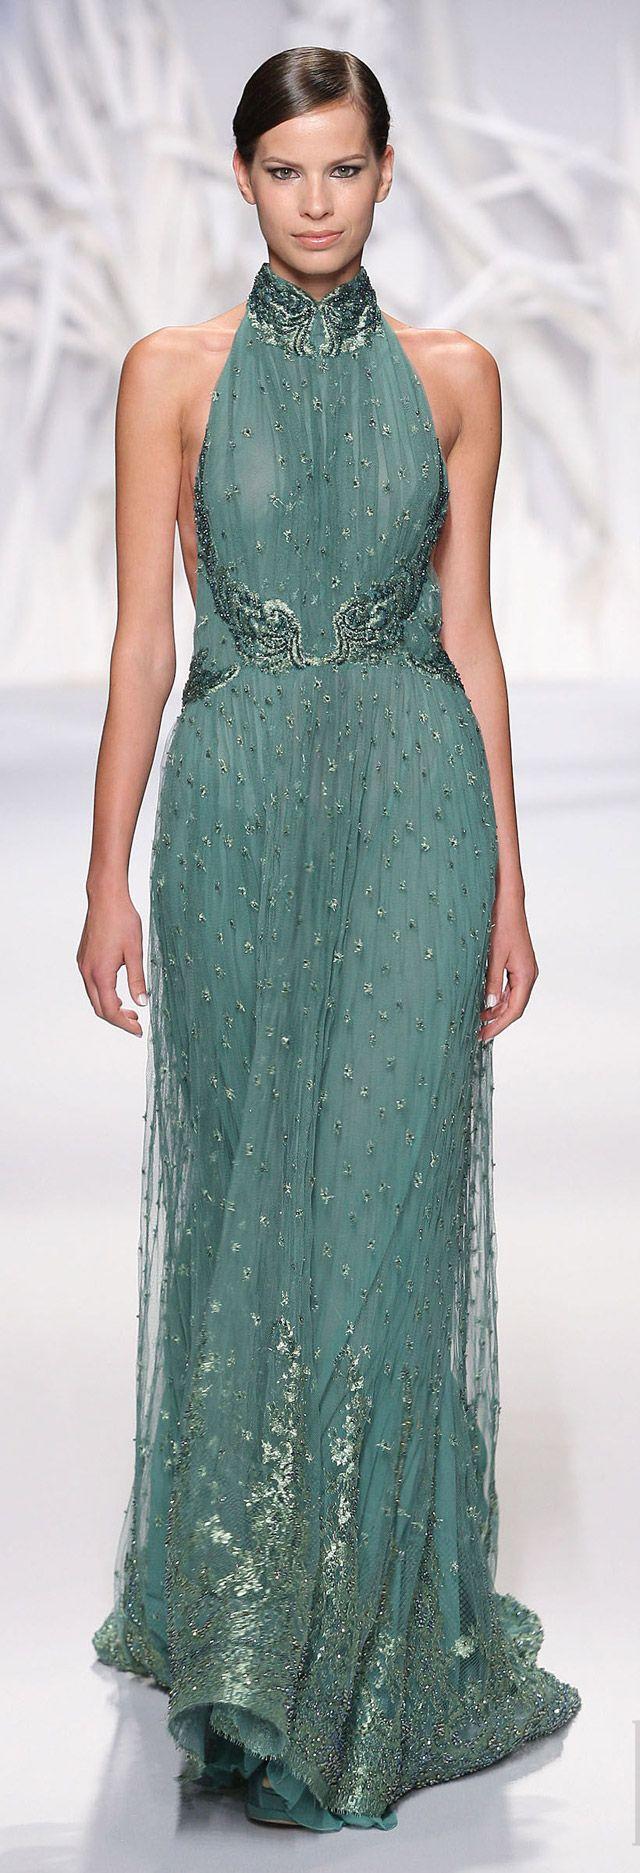 Abed Mahfouz Haute Couture Fall-Winter 2013-2014 | LBV ♥✤ | KeepSmiling | BeStayElegant